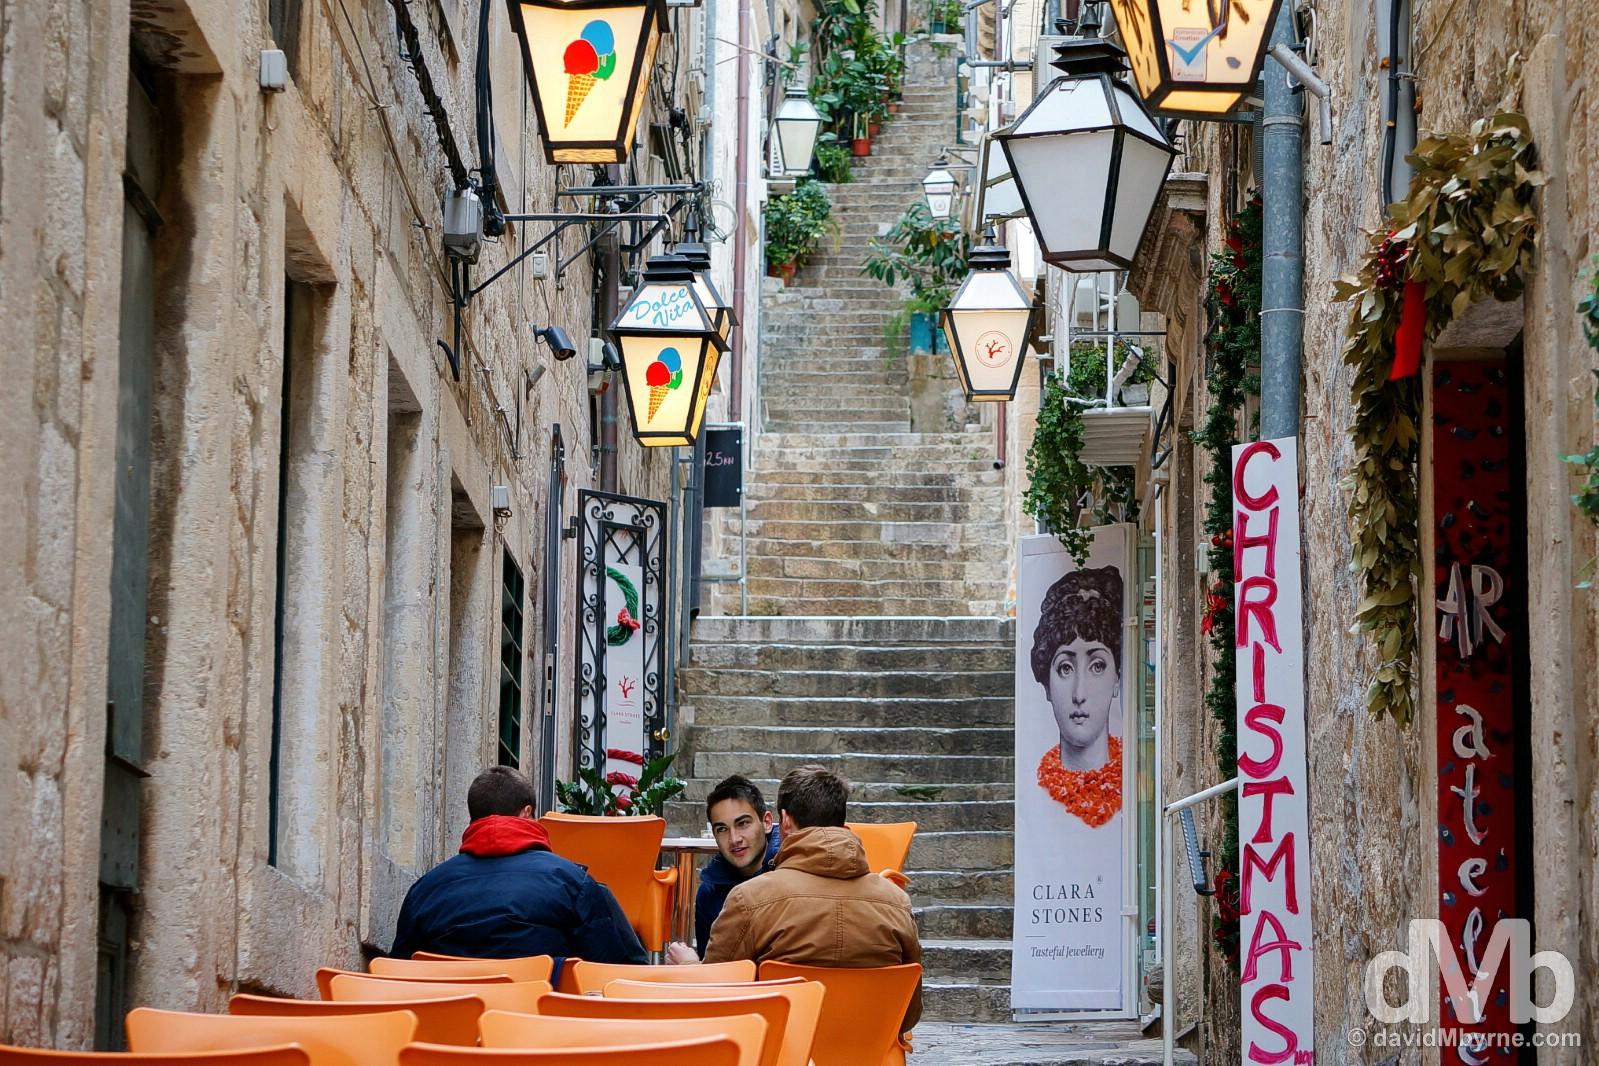 Naljeskoviceva ul, Old Town, Dubrovnik, Croatia. April 7, 2015.